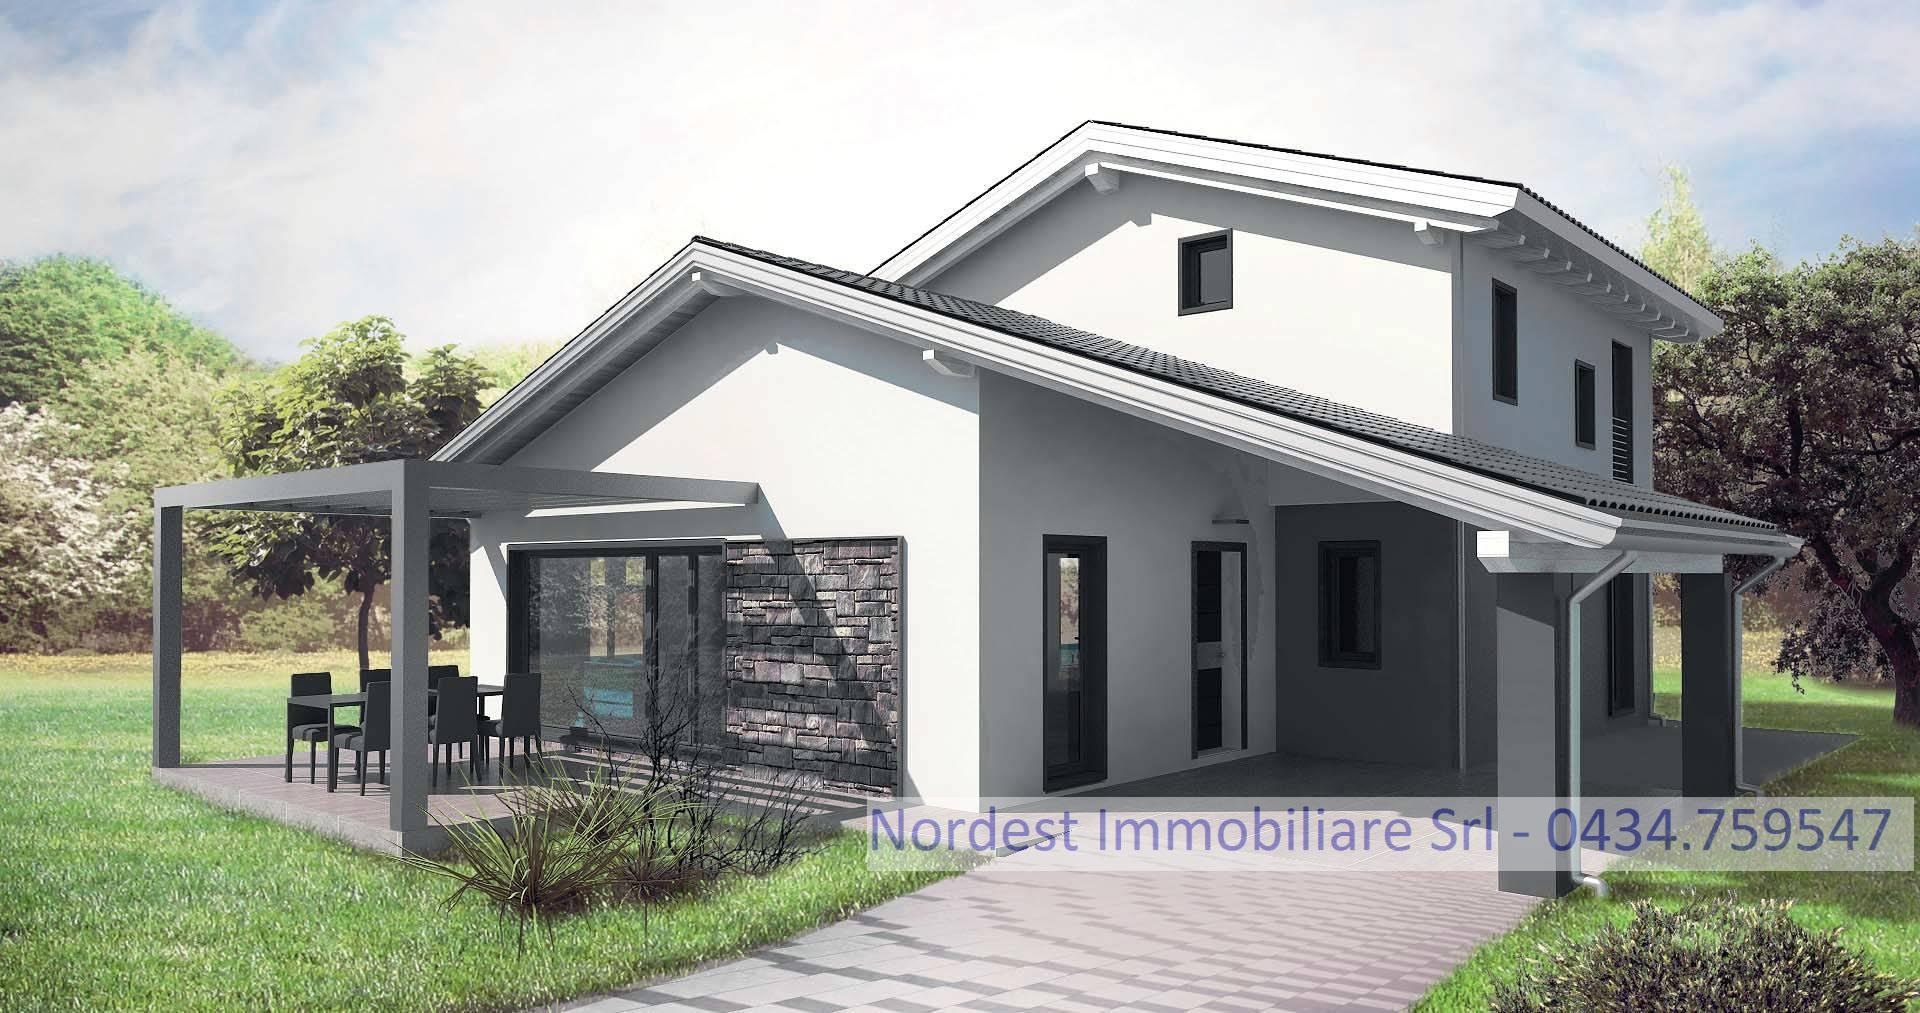 Soluzione Indipendente in vendita a Fontanelle, 6 locali, prezzo € 160.000 | CambioCasa.it